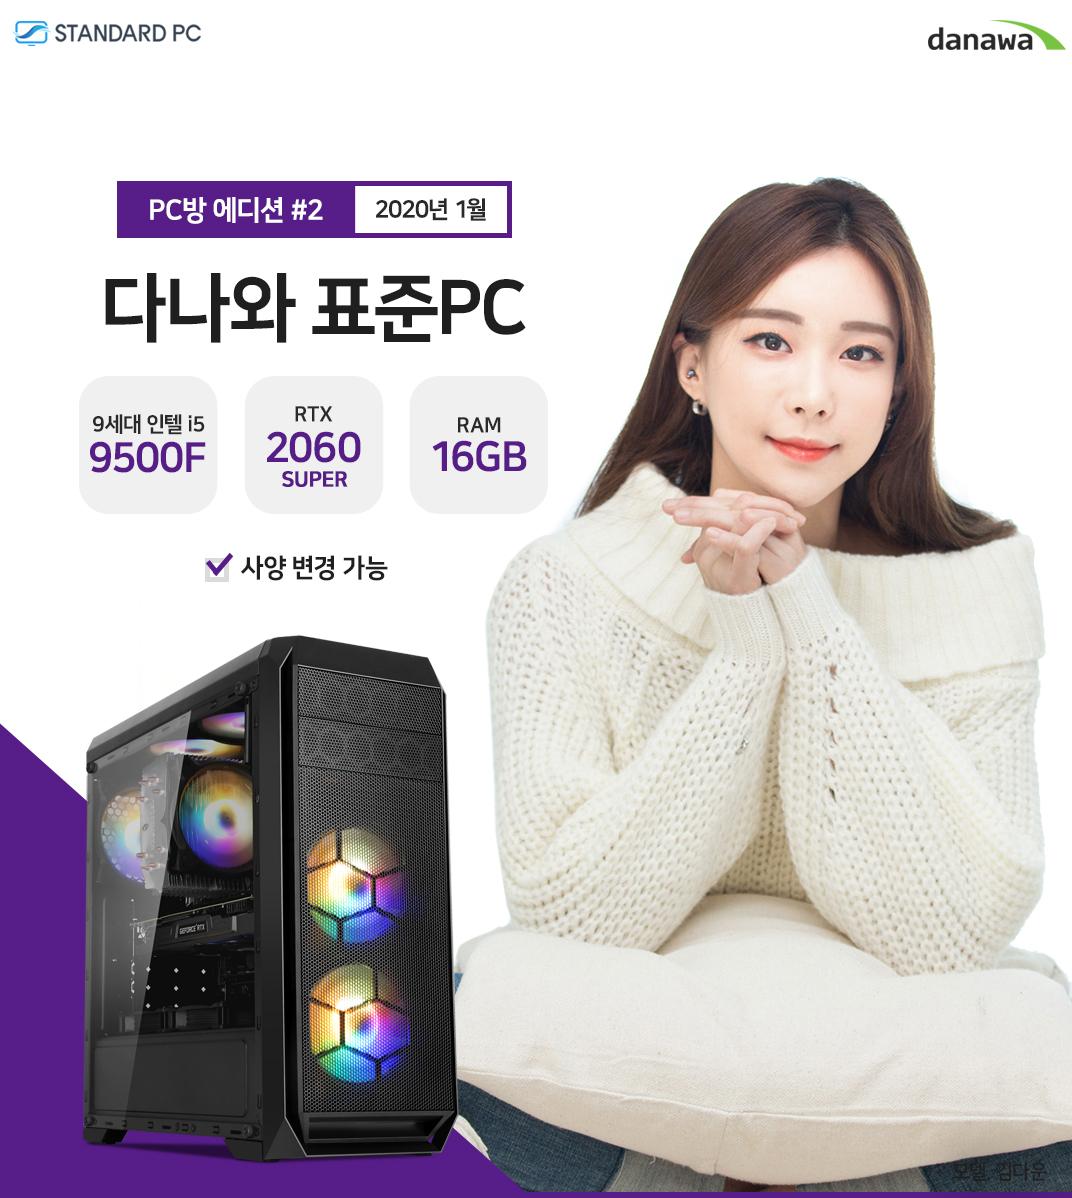 2020년 01월 다나와 표준PC PC방 에디션2인텔 코어i5-9세대 9500F RTX 2060 SUPER RAM 16G 모델 김다운